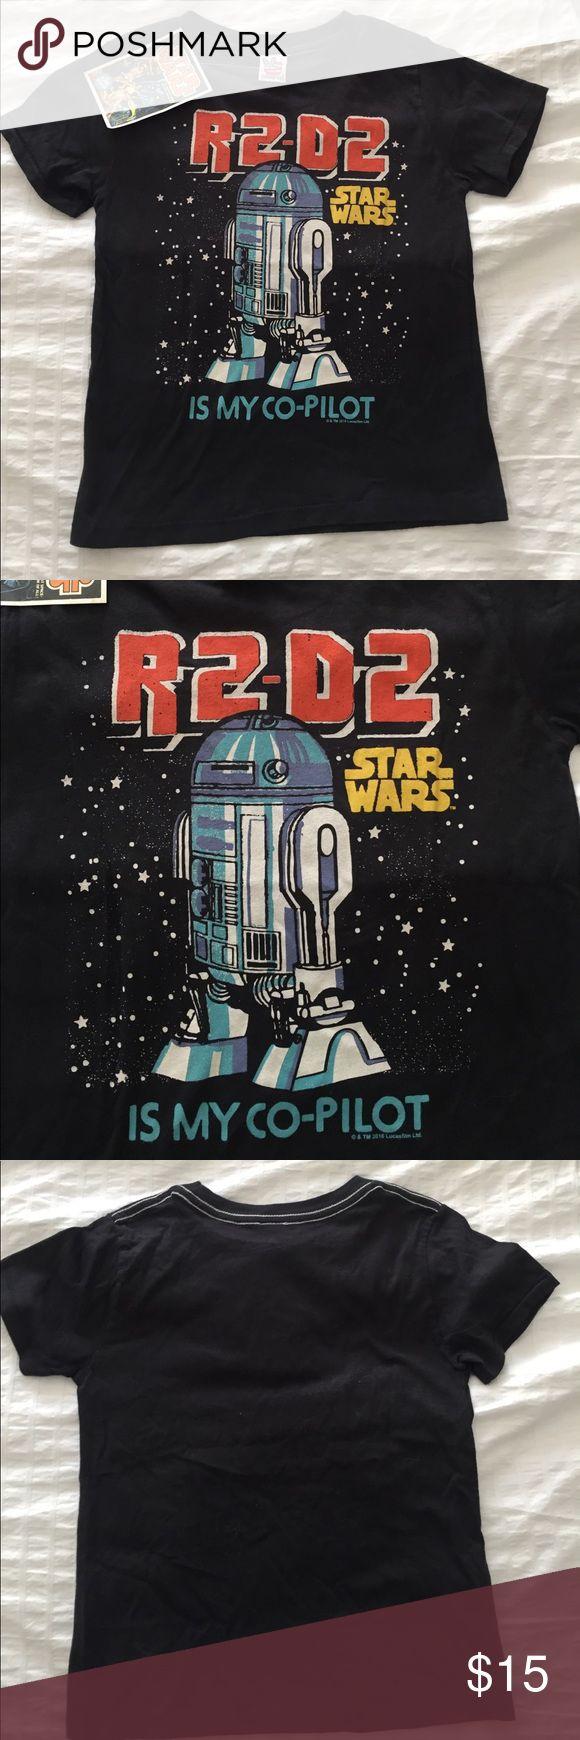 """KIDS 👦🏻 NWT Junk Food """"Star Wars"""" T-shirt 3T KIDS 👦🏻 NWT Junk Food """"Star Wars"""" T-shirt size 3T. Brand new, never worn Star Wars Shirts & Tops Tees - Short Sleeve"""